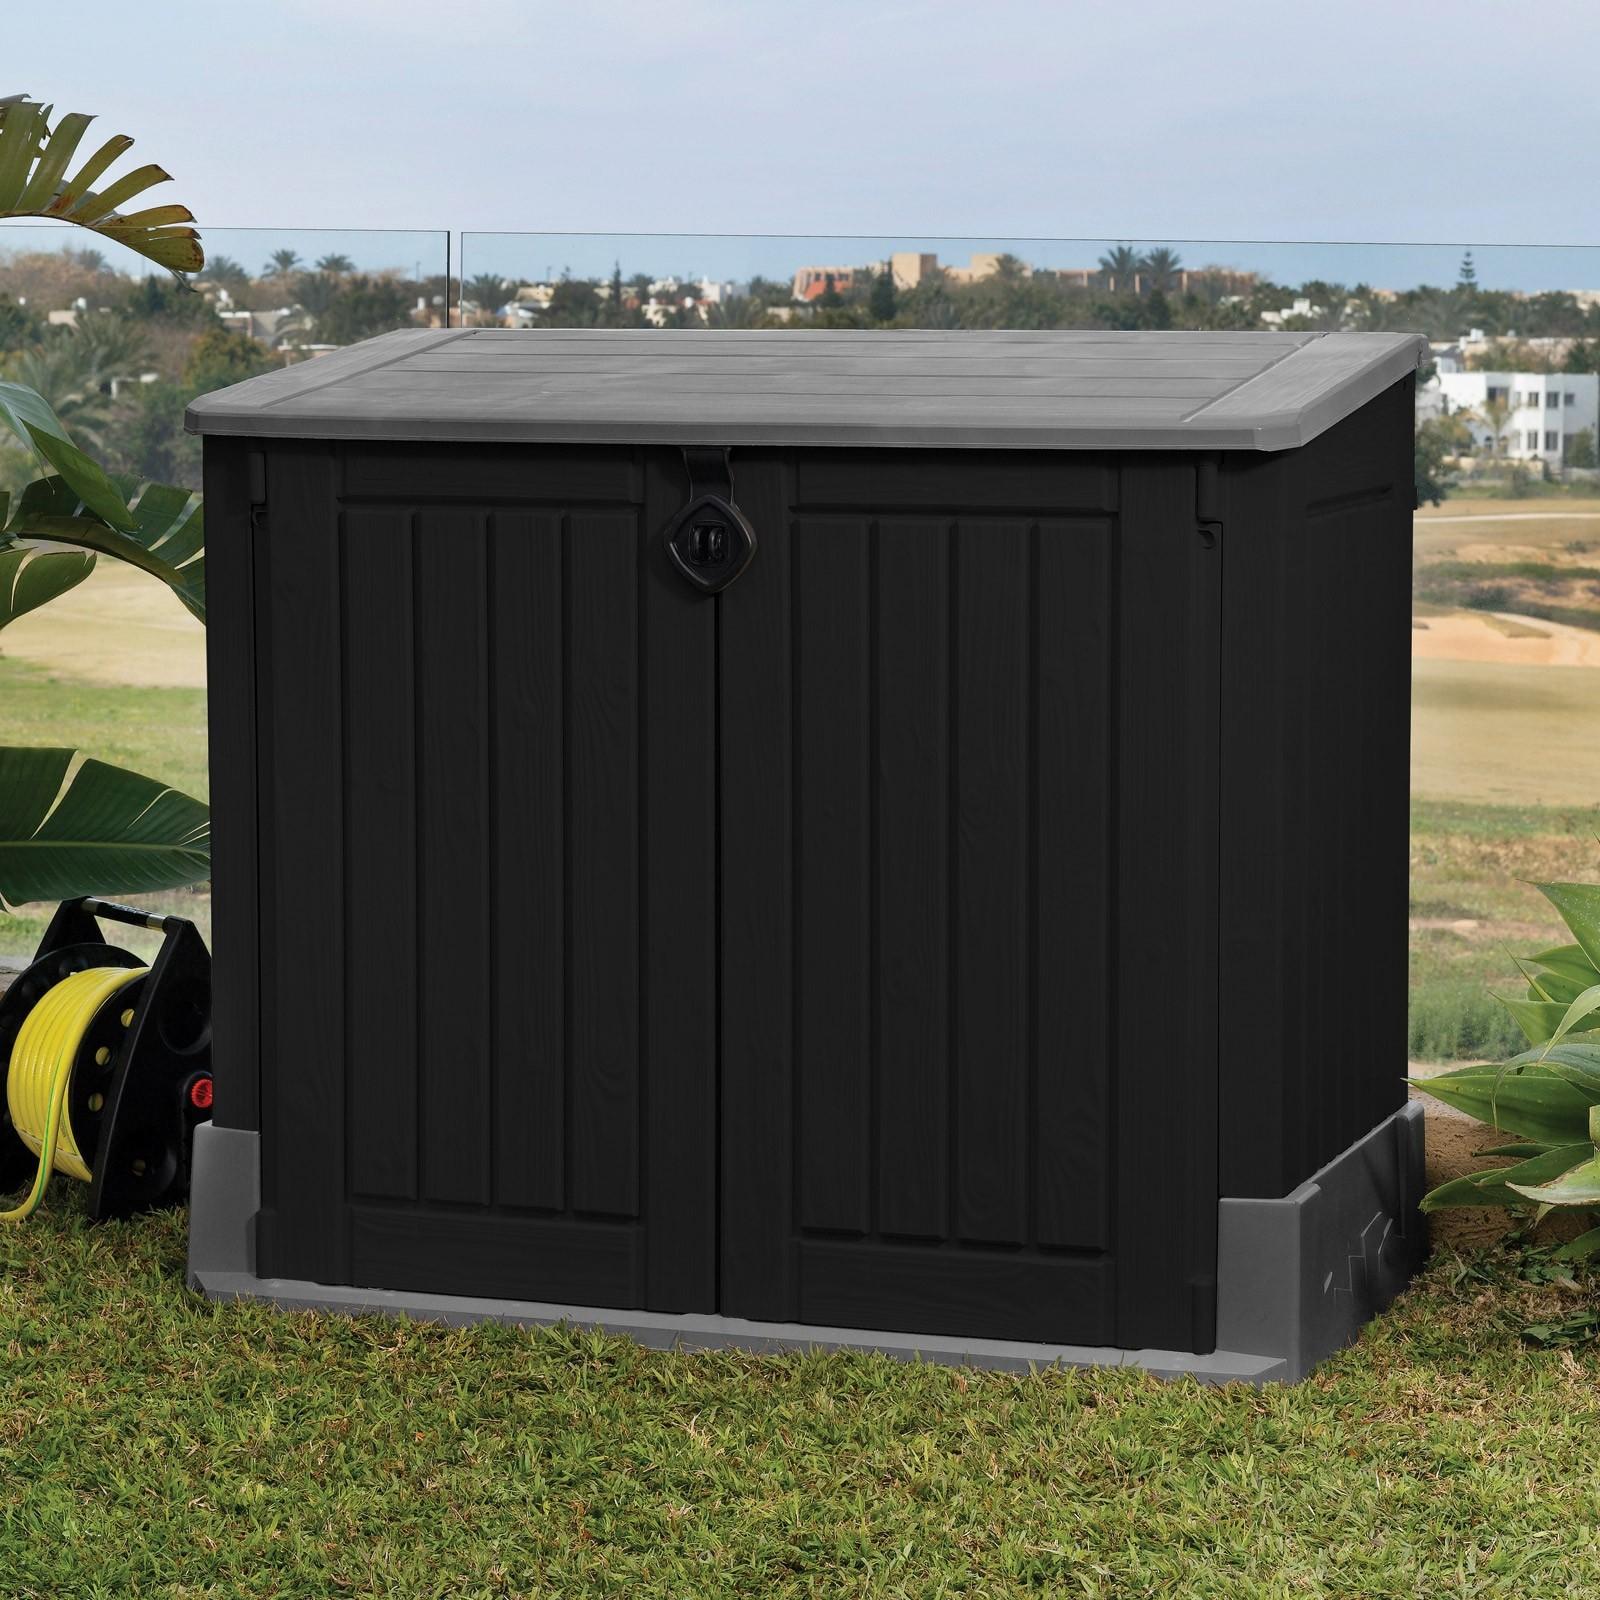 keter mülltonnenbox store it out midi für 2x120 liter